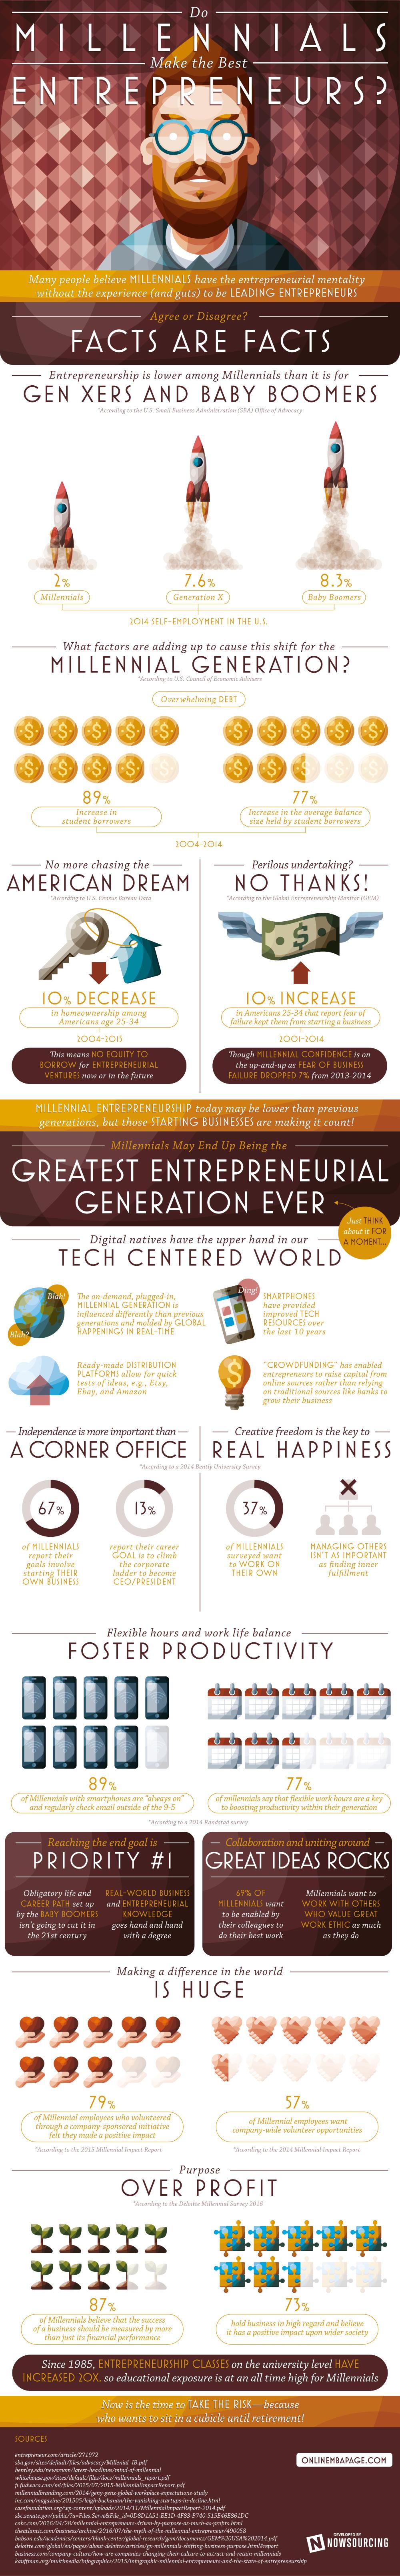 Do Millennials Make the Best Entrepreneurs